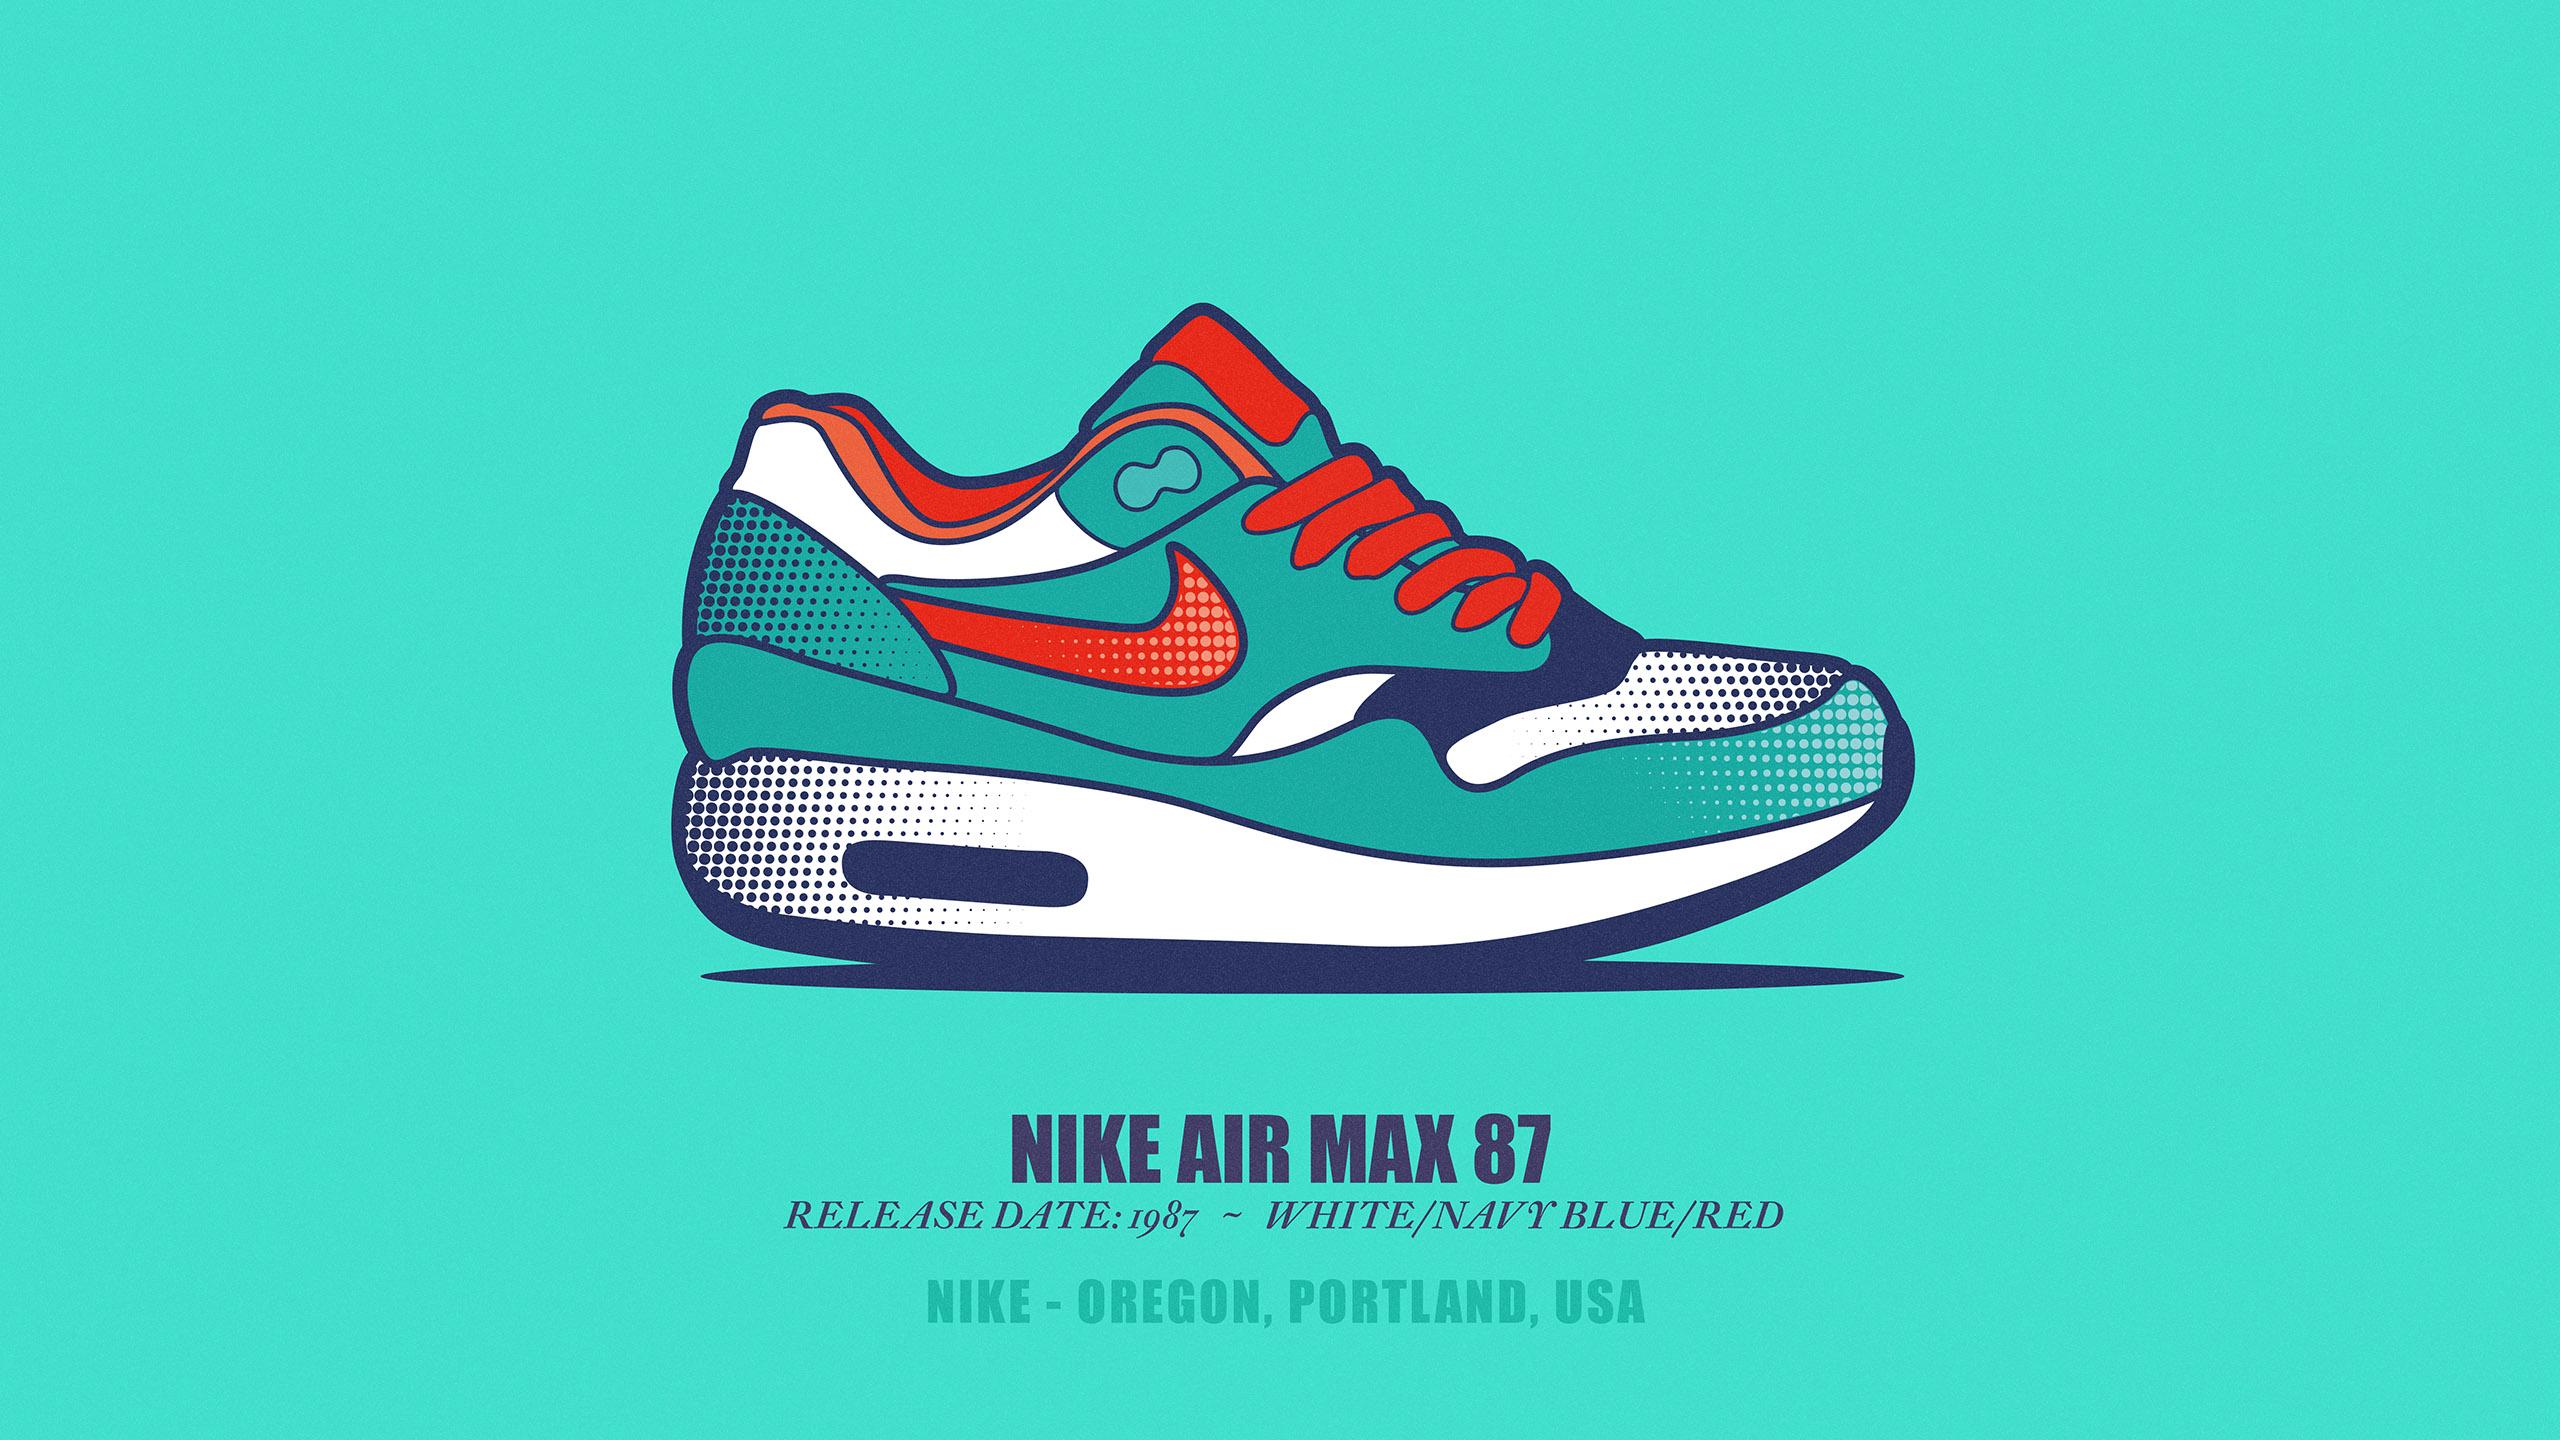 [76+] Nike Air Max Wallpaper On WallpaperSafari